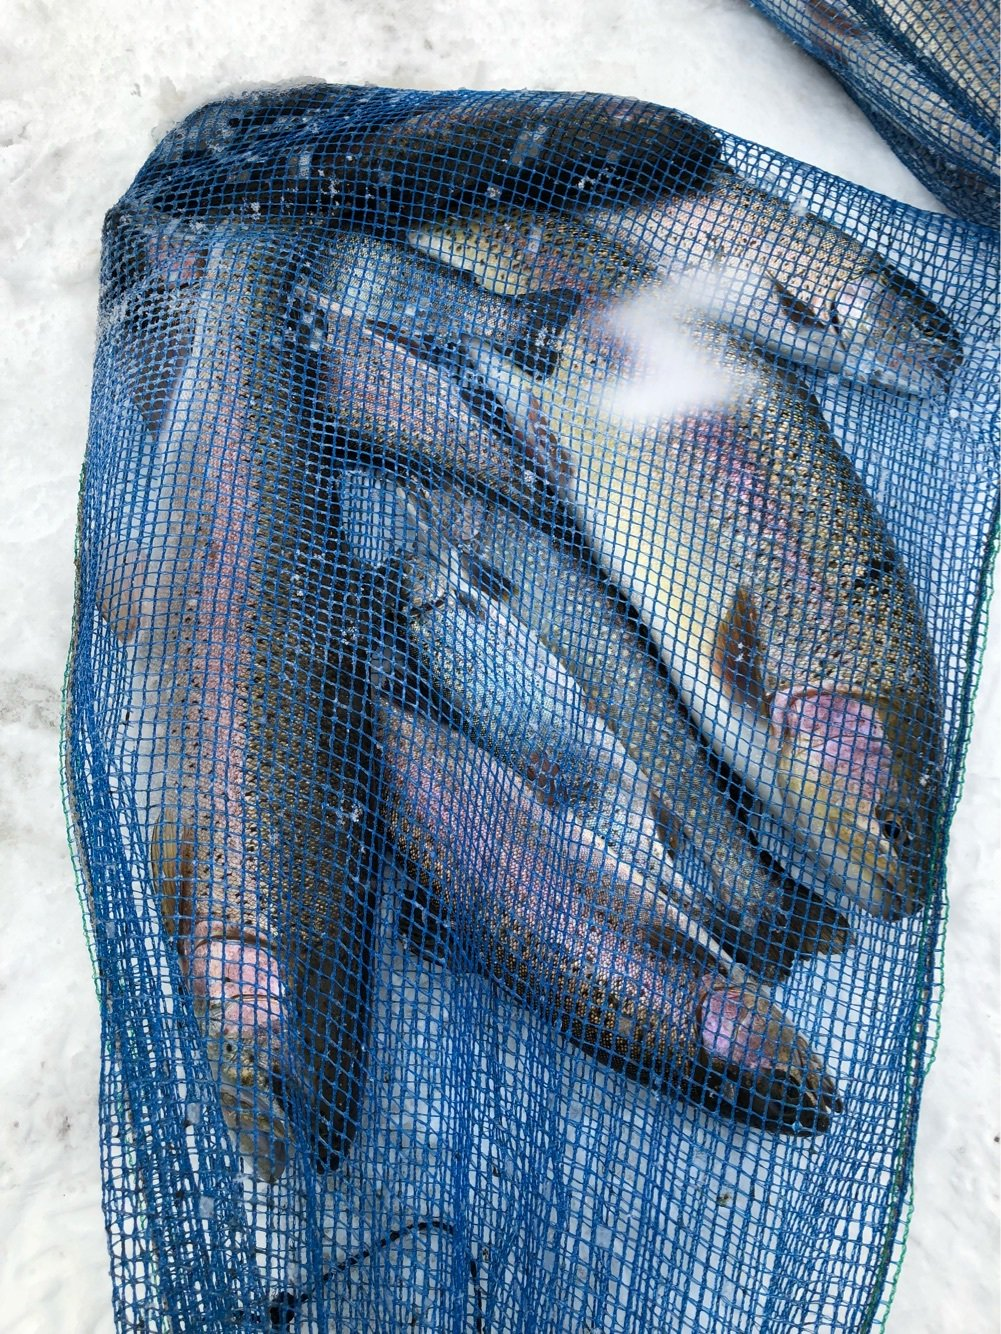 hope5544さんの投稿画像,写っている魚はニジマス